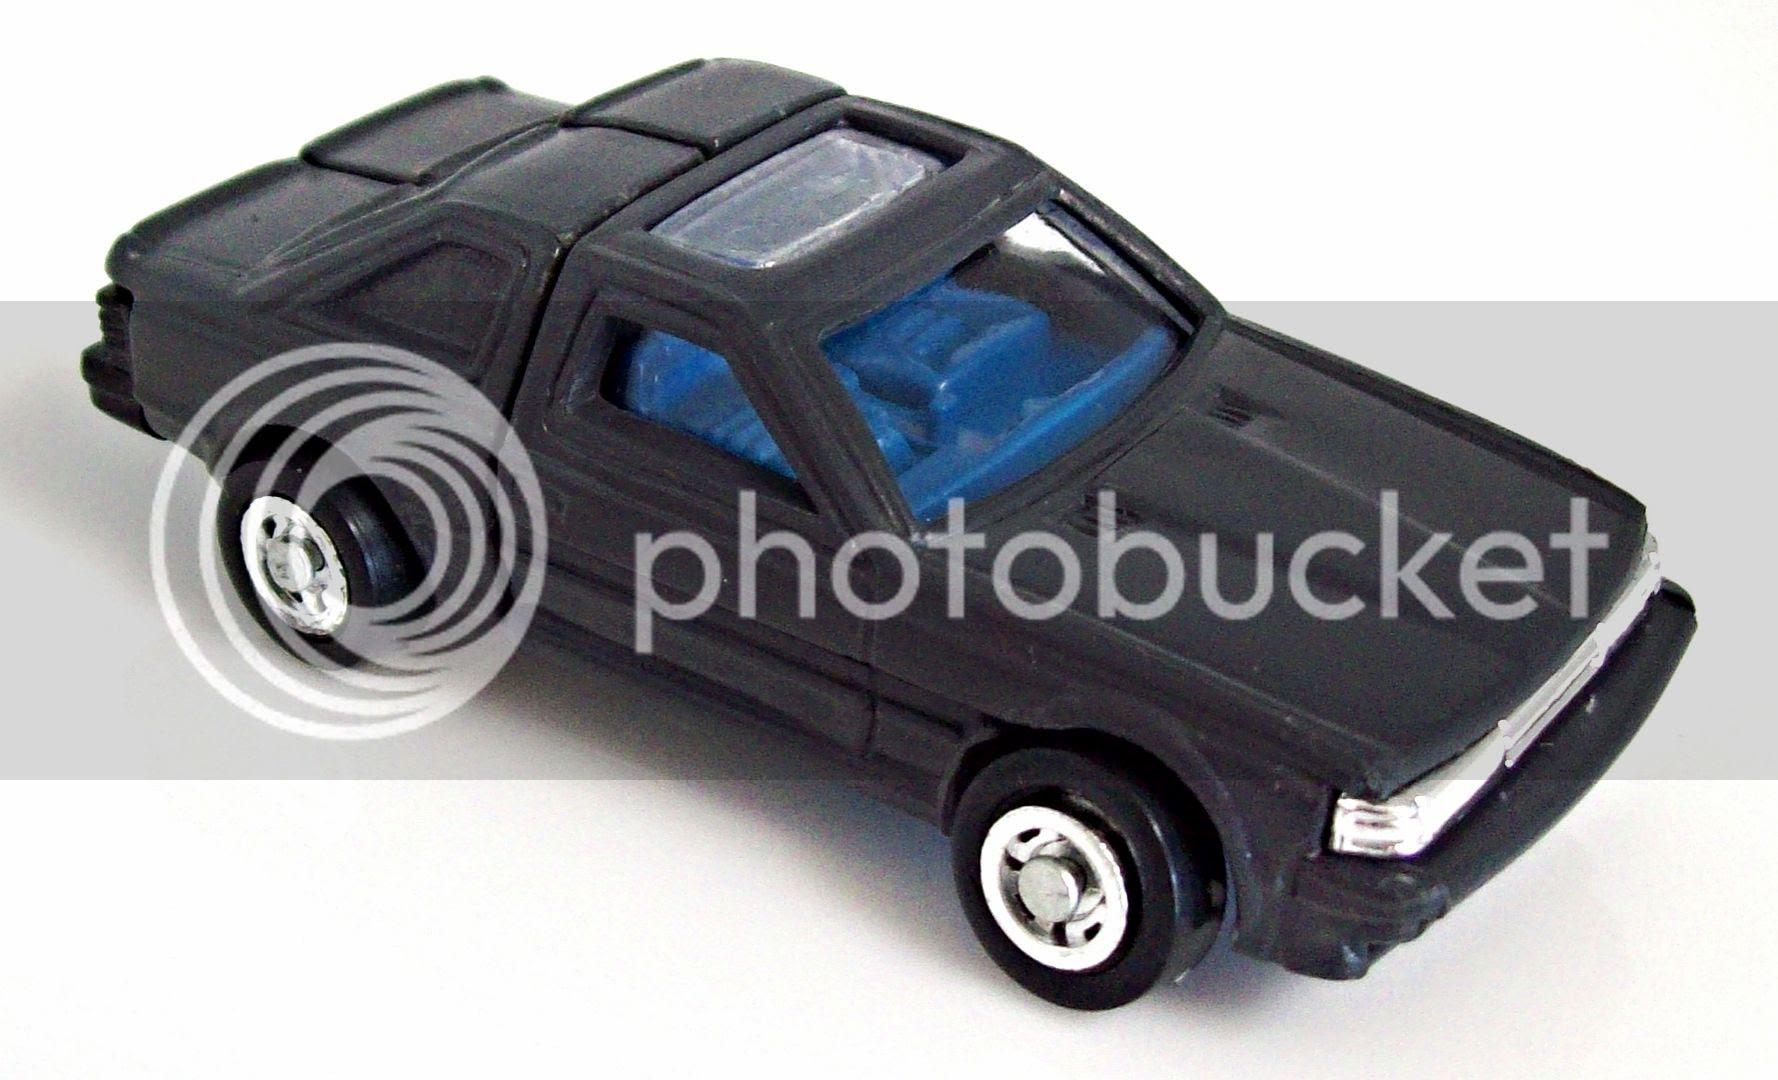 Convert-A-Bots sedan photo CK027_zps3397443e.jpg